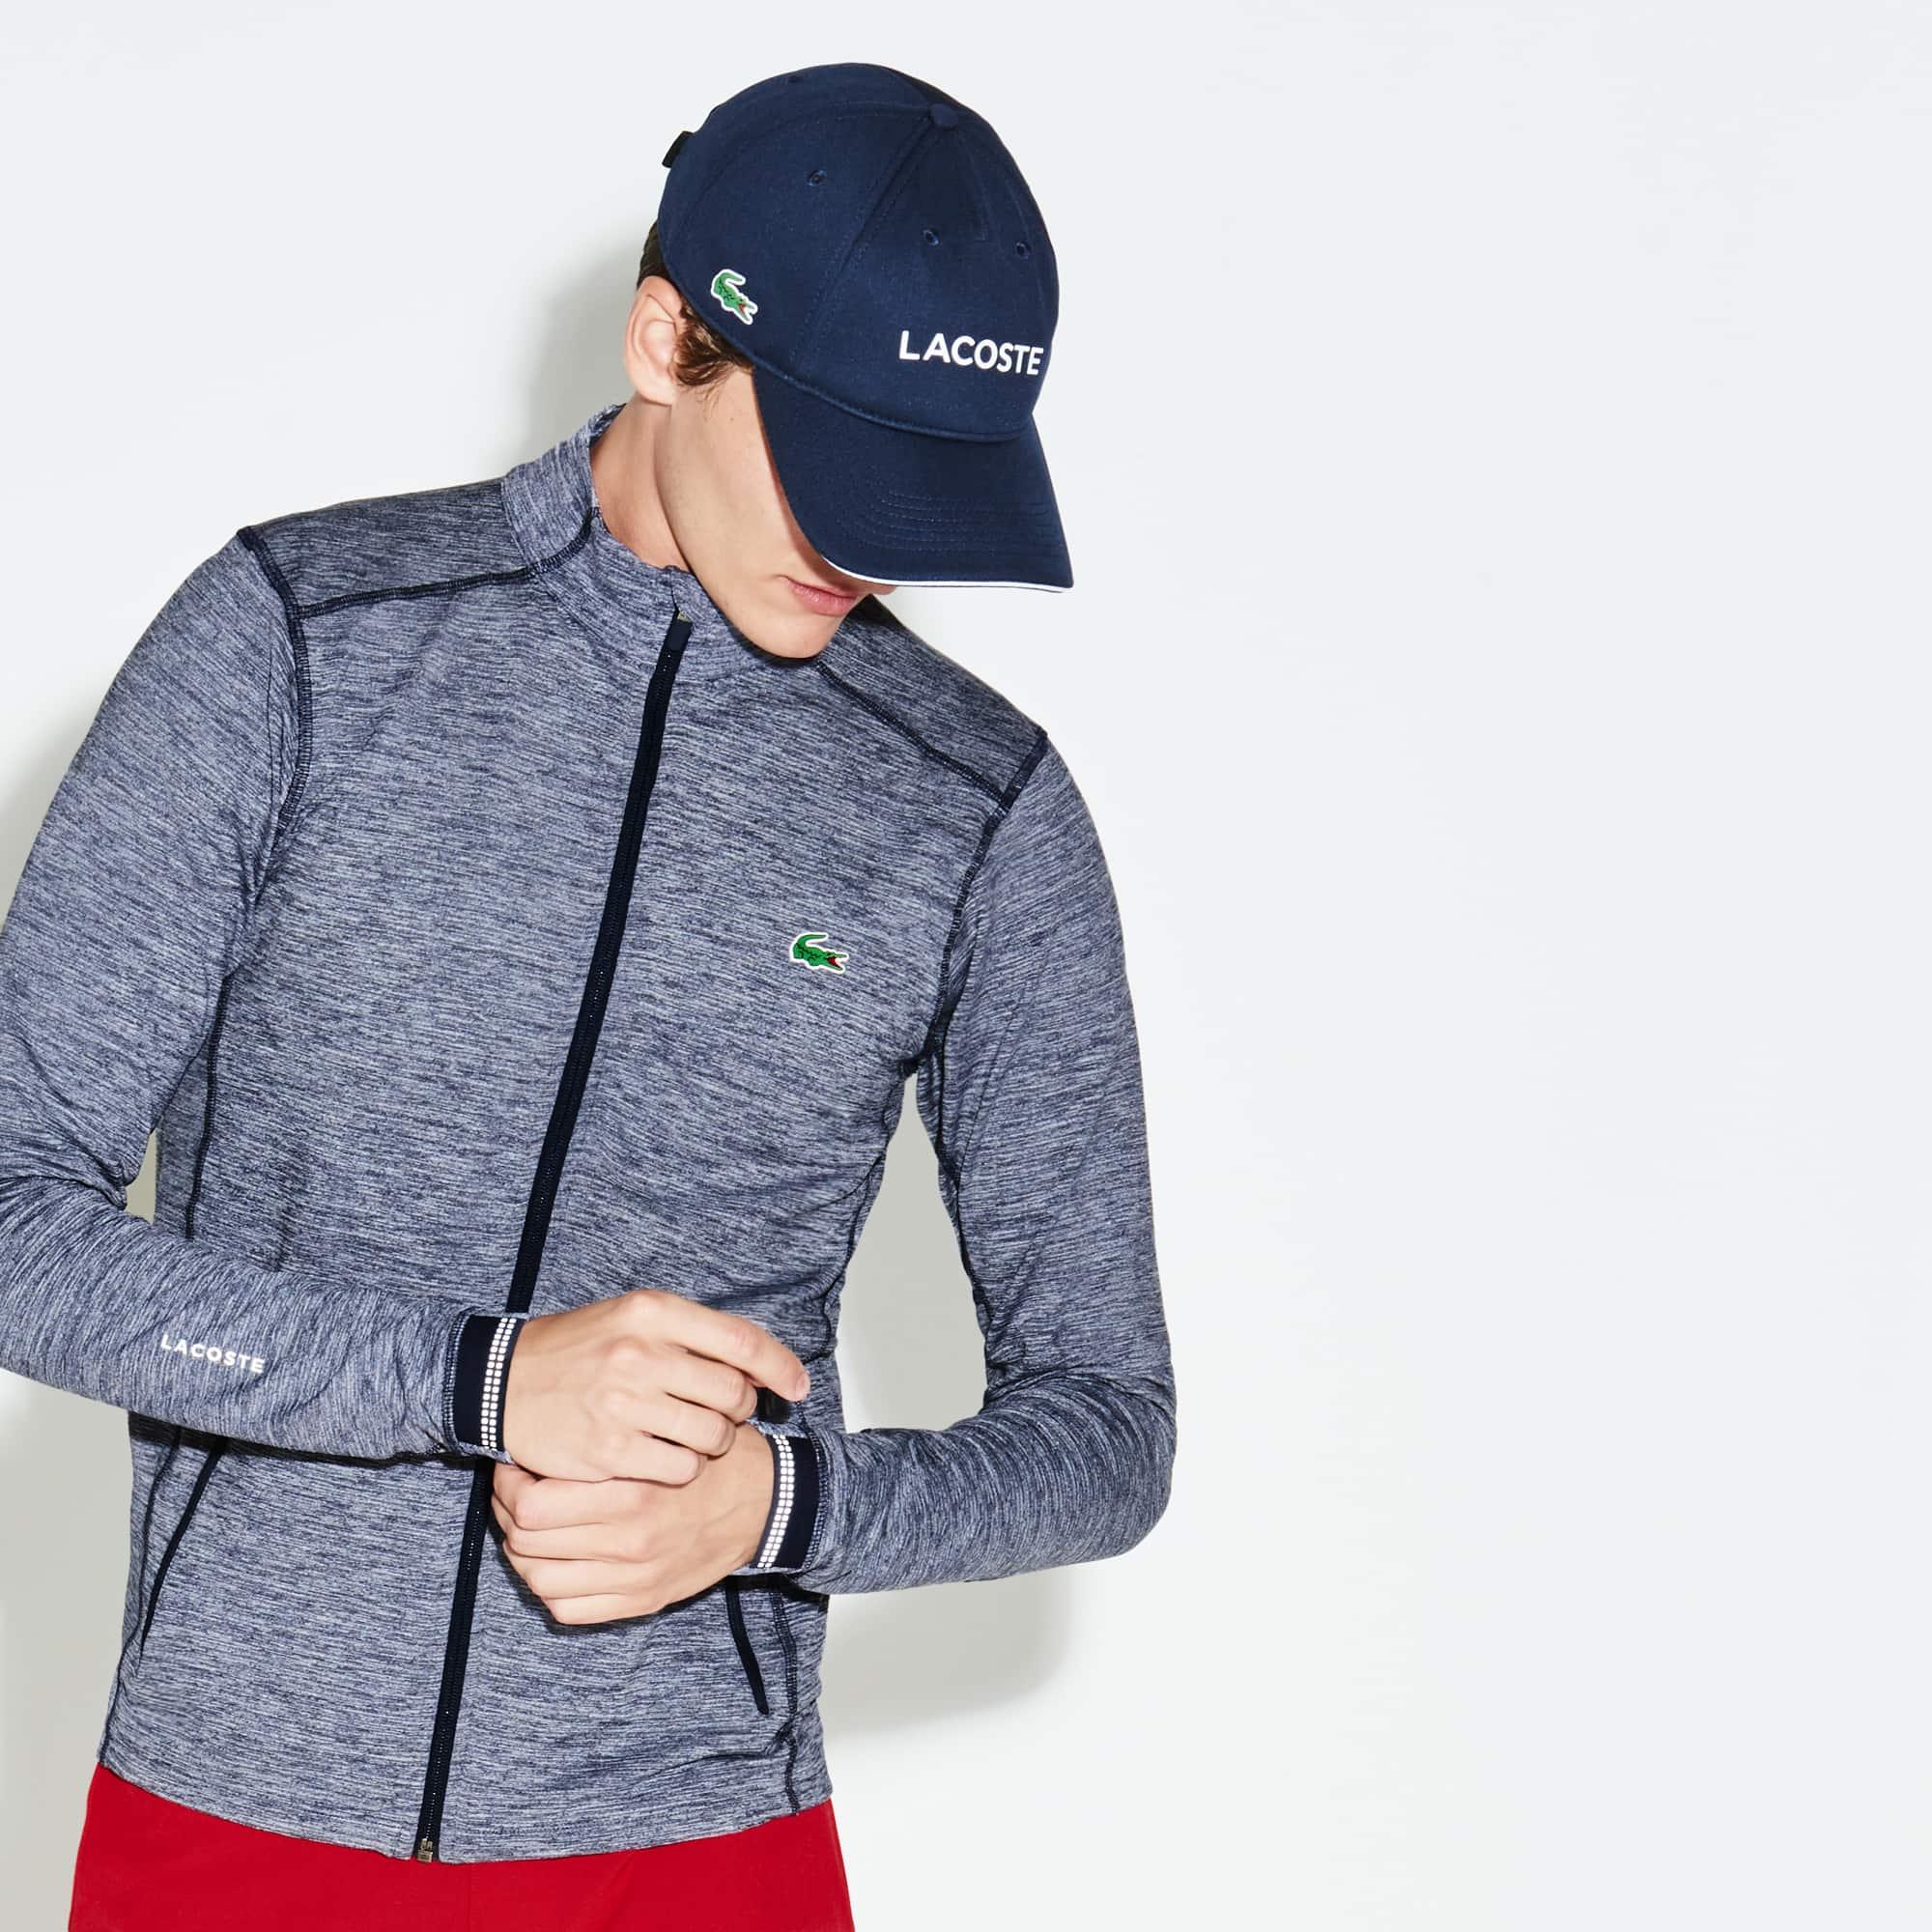 Men's SPORT Tech Flamme Midlayer Zip Golf Sweatshirt